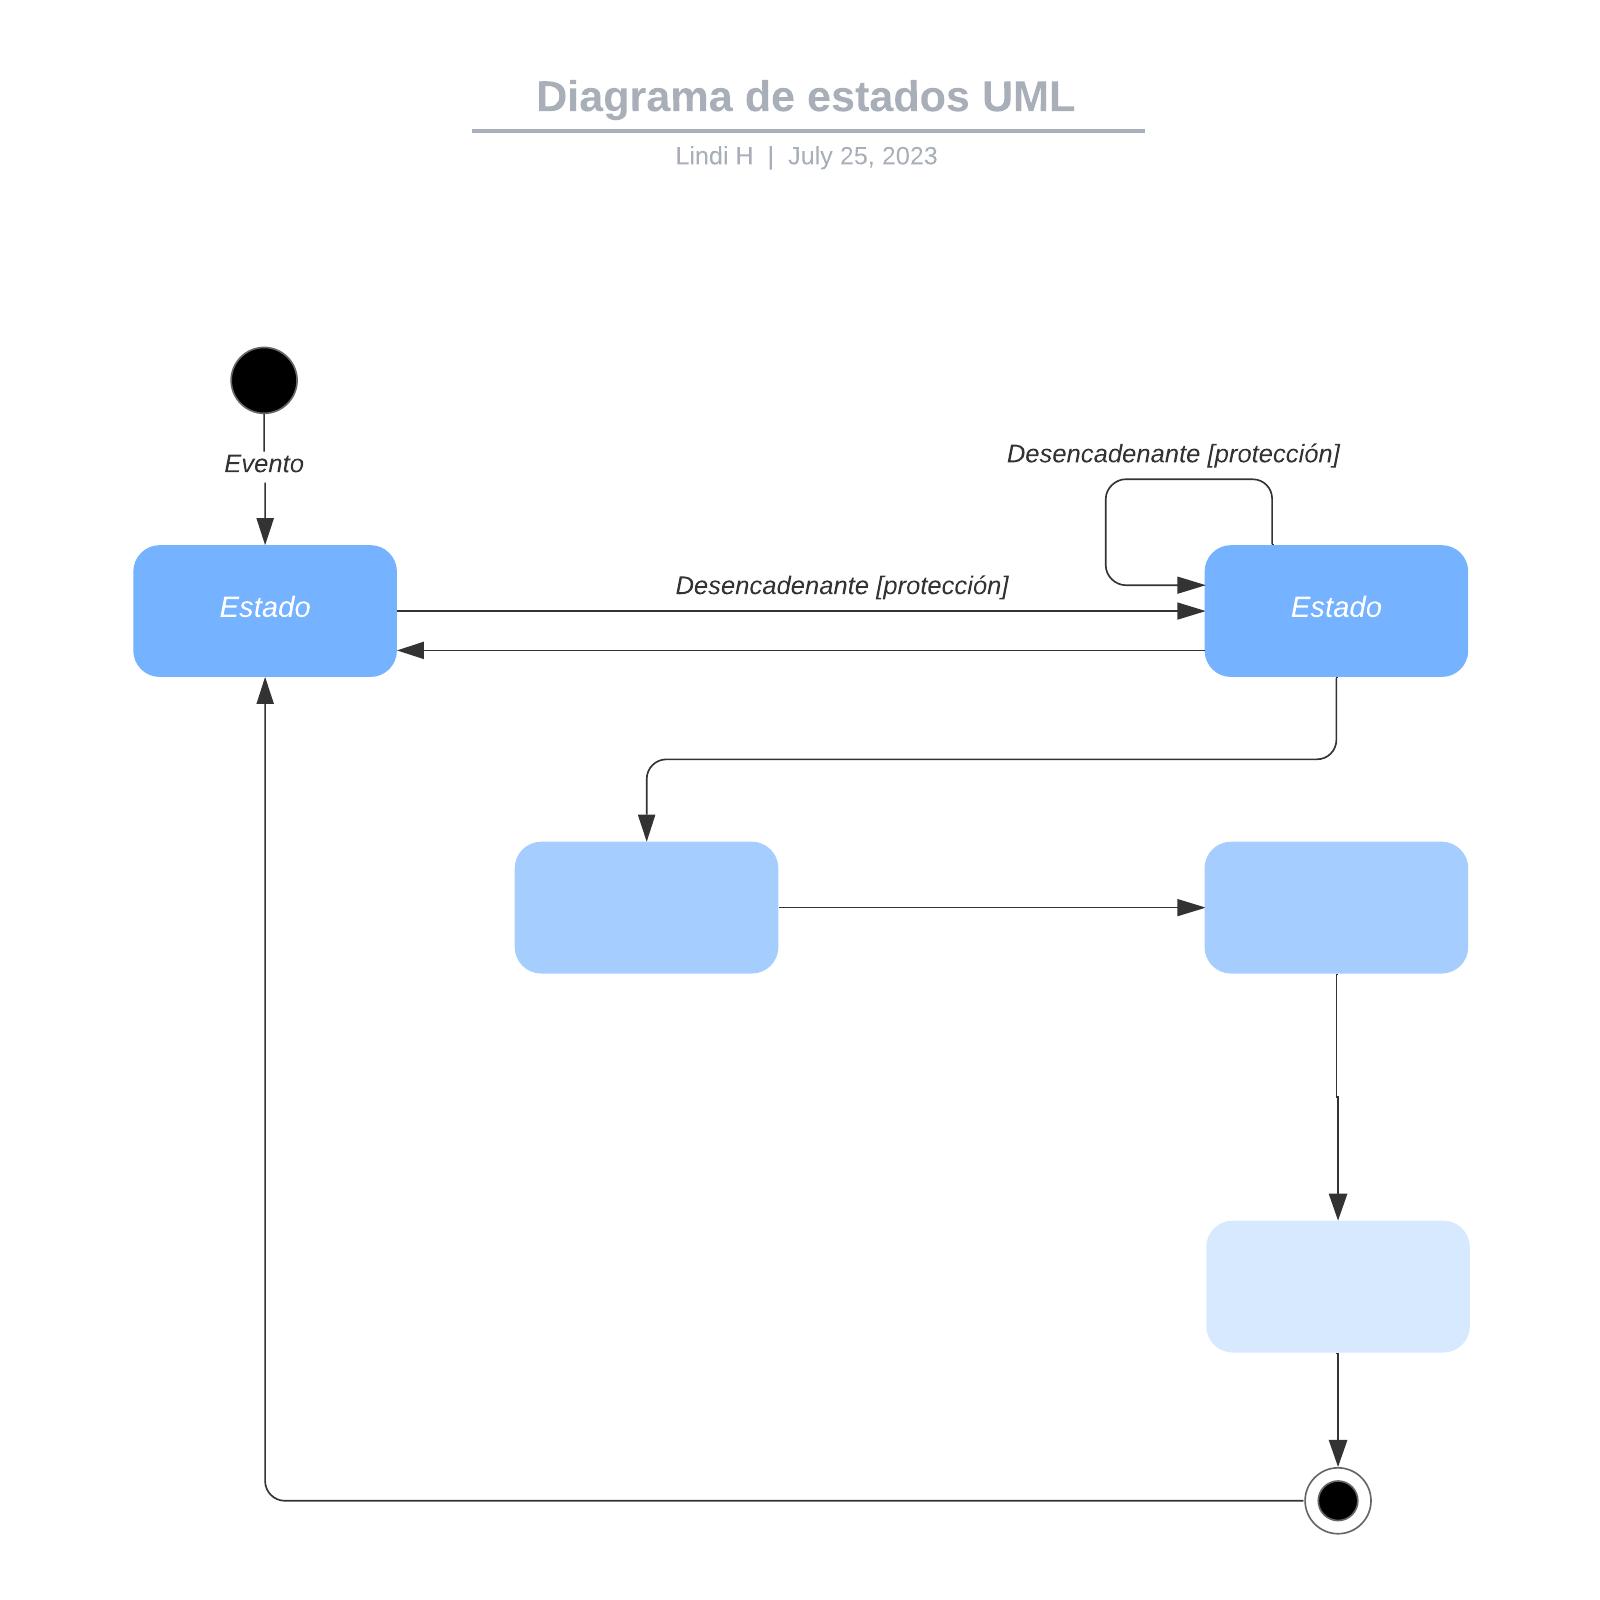 Diagrama de estados UML